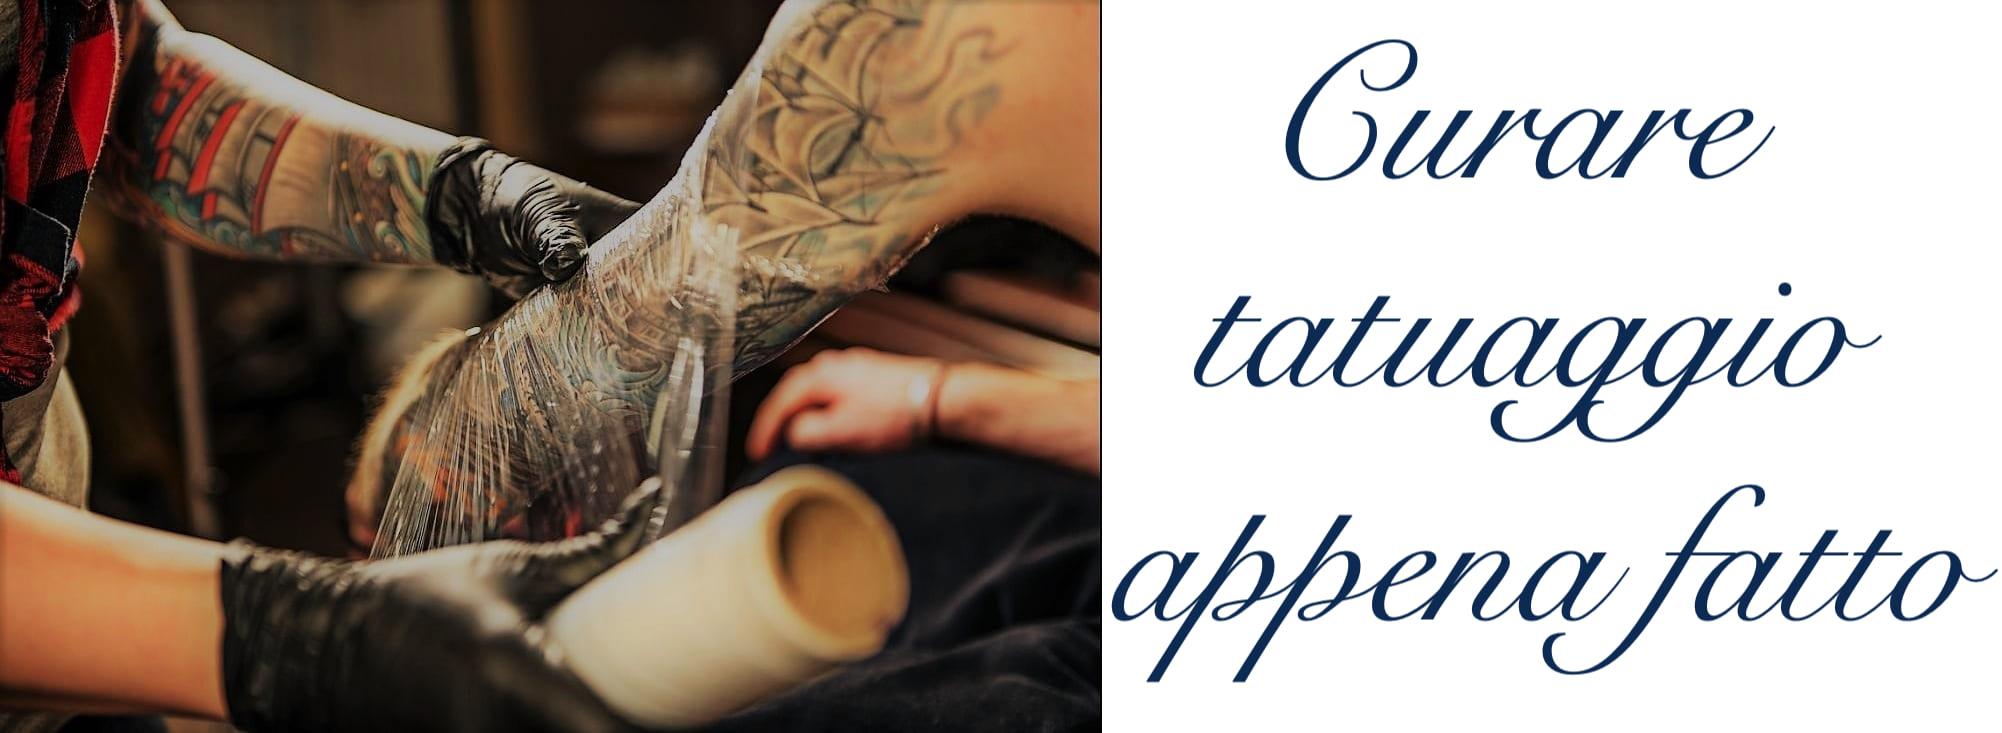 Come Curare Tatuaggio Tattoo Appena Fatto